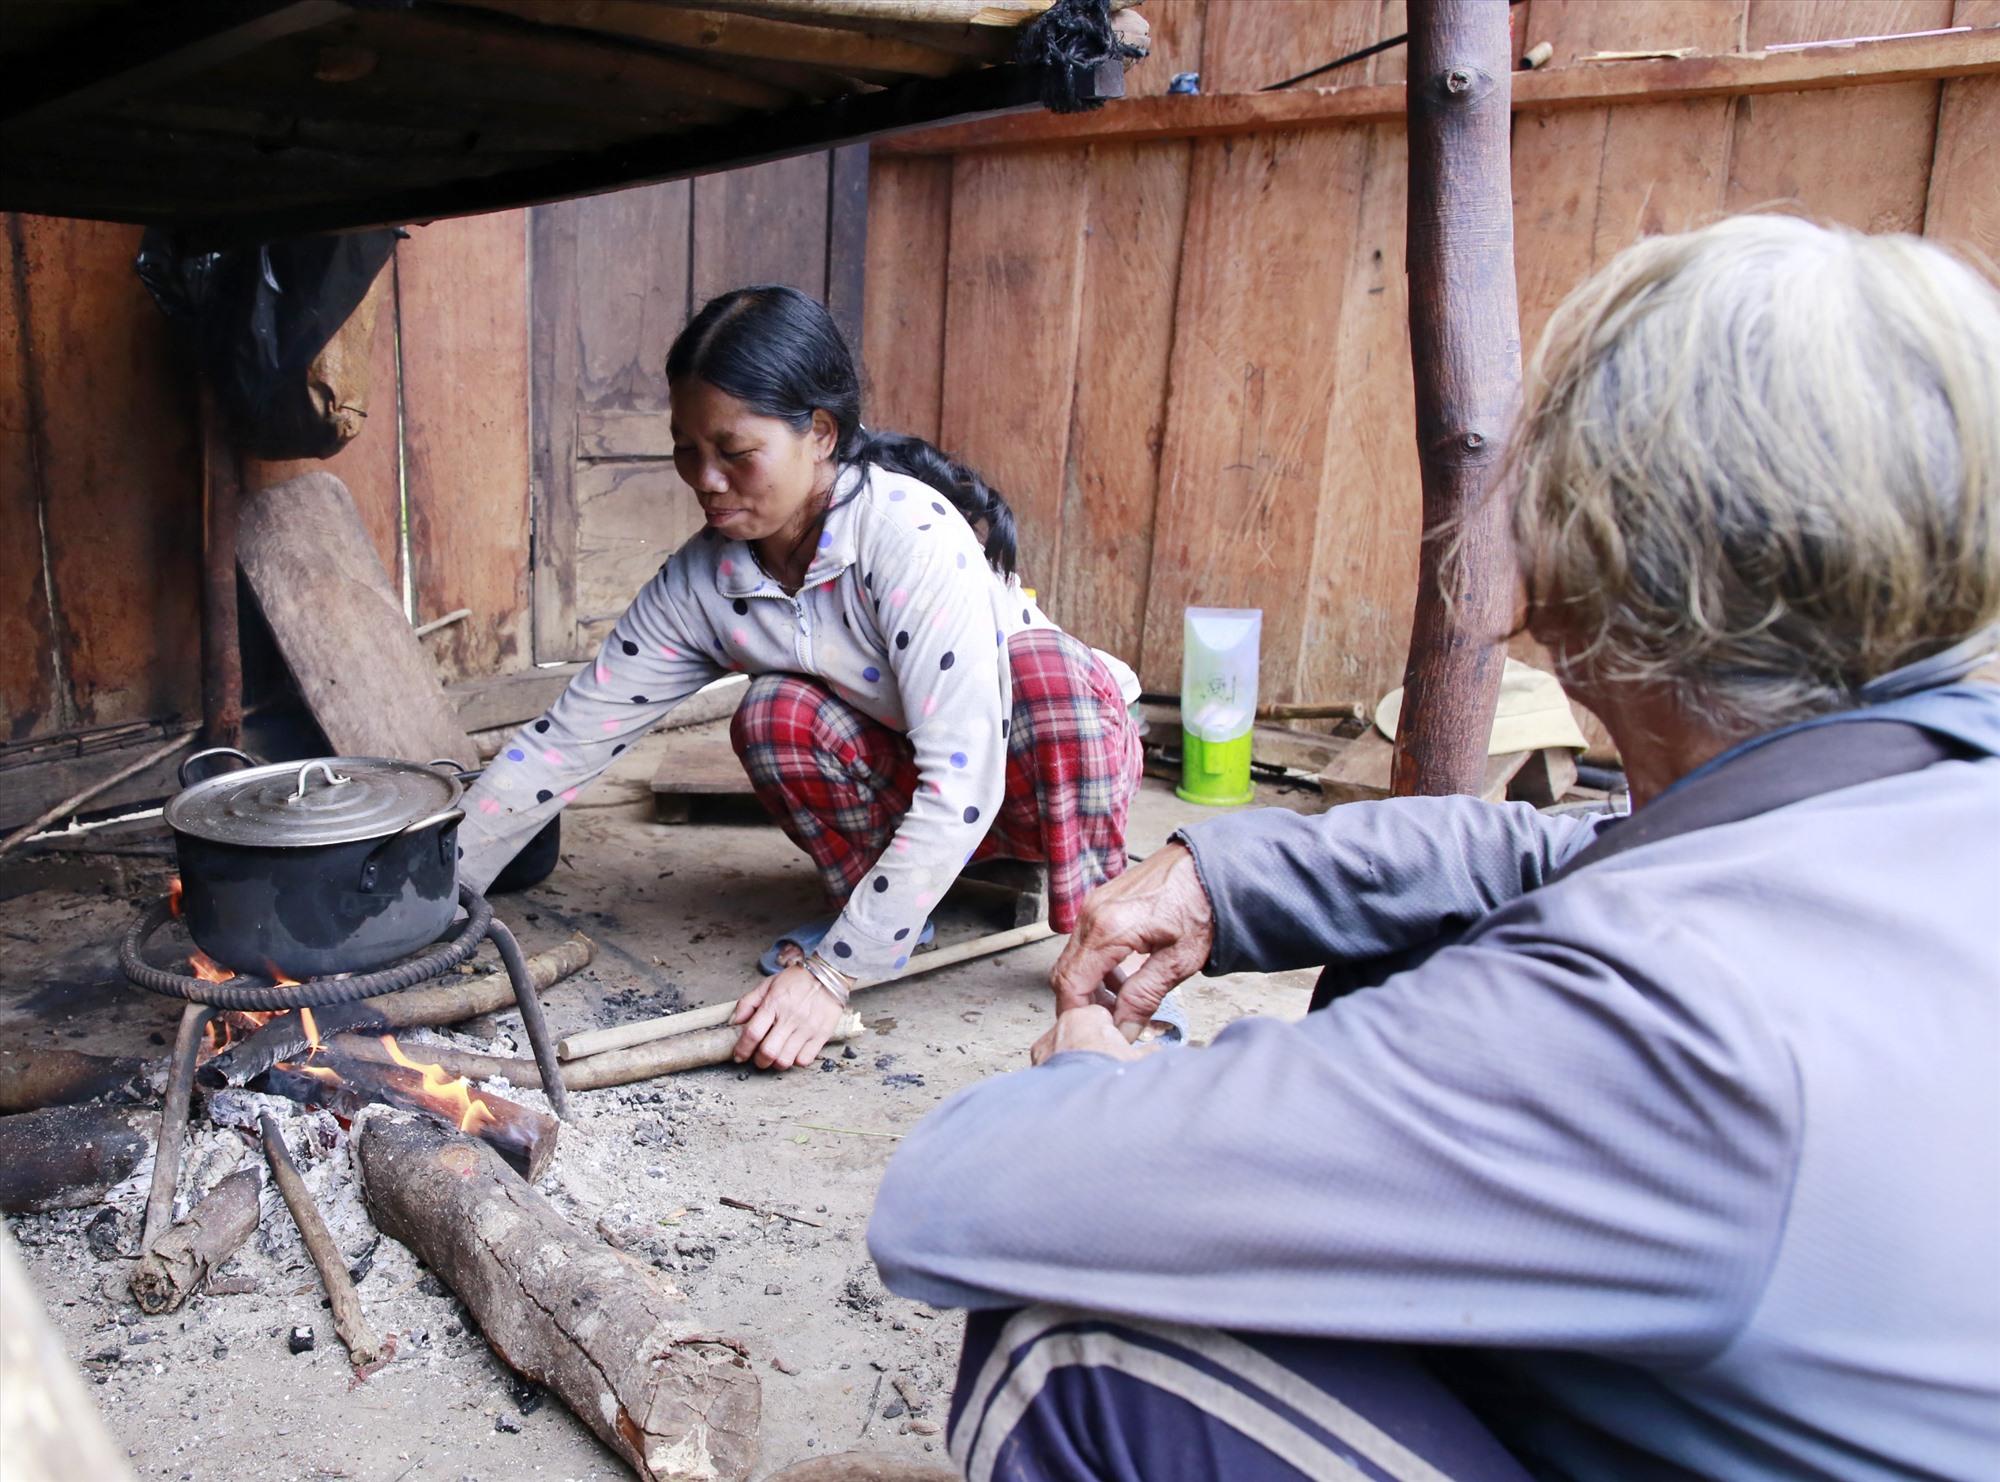 Bữa cơm cuối cùng của gia đình ông Hồ Văn Vẽ trên ngôi làng cũ. Ảnh: T.C